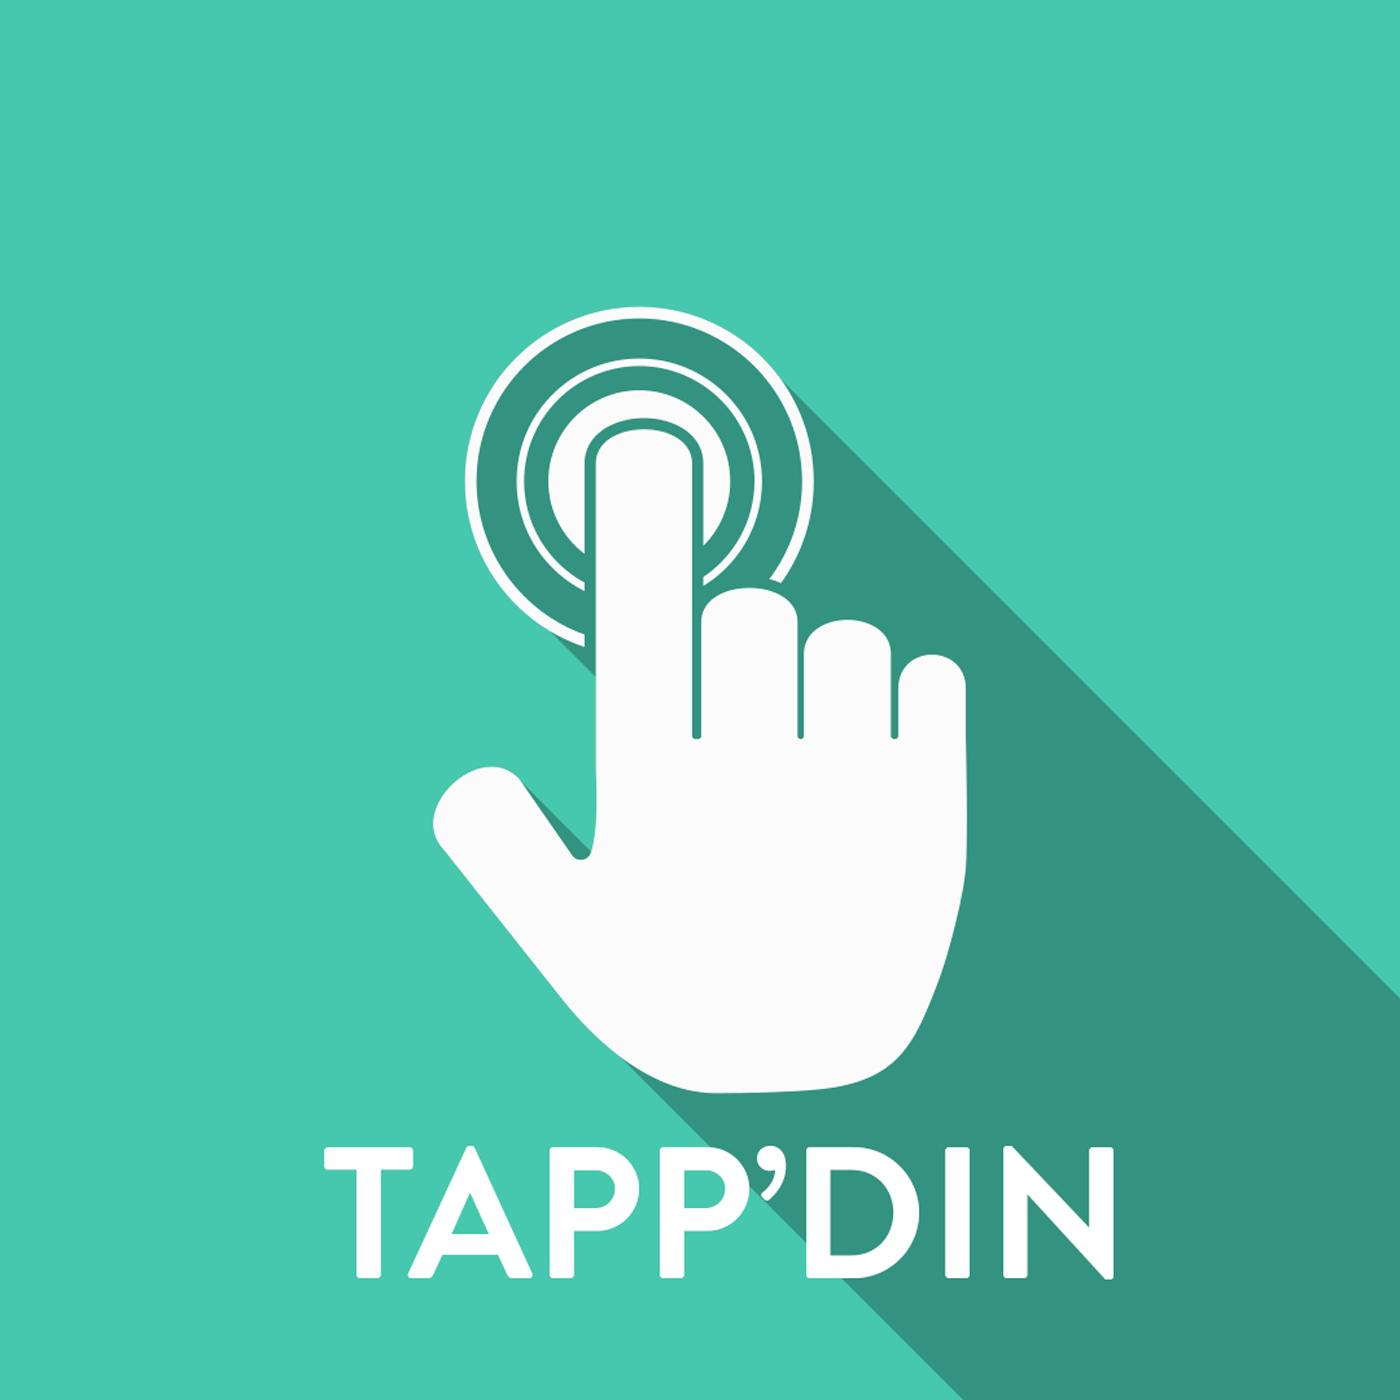 Tapp'dIN